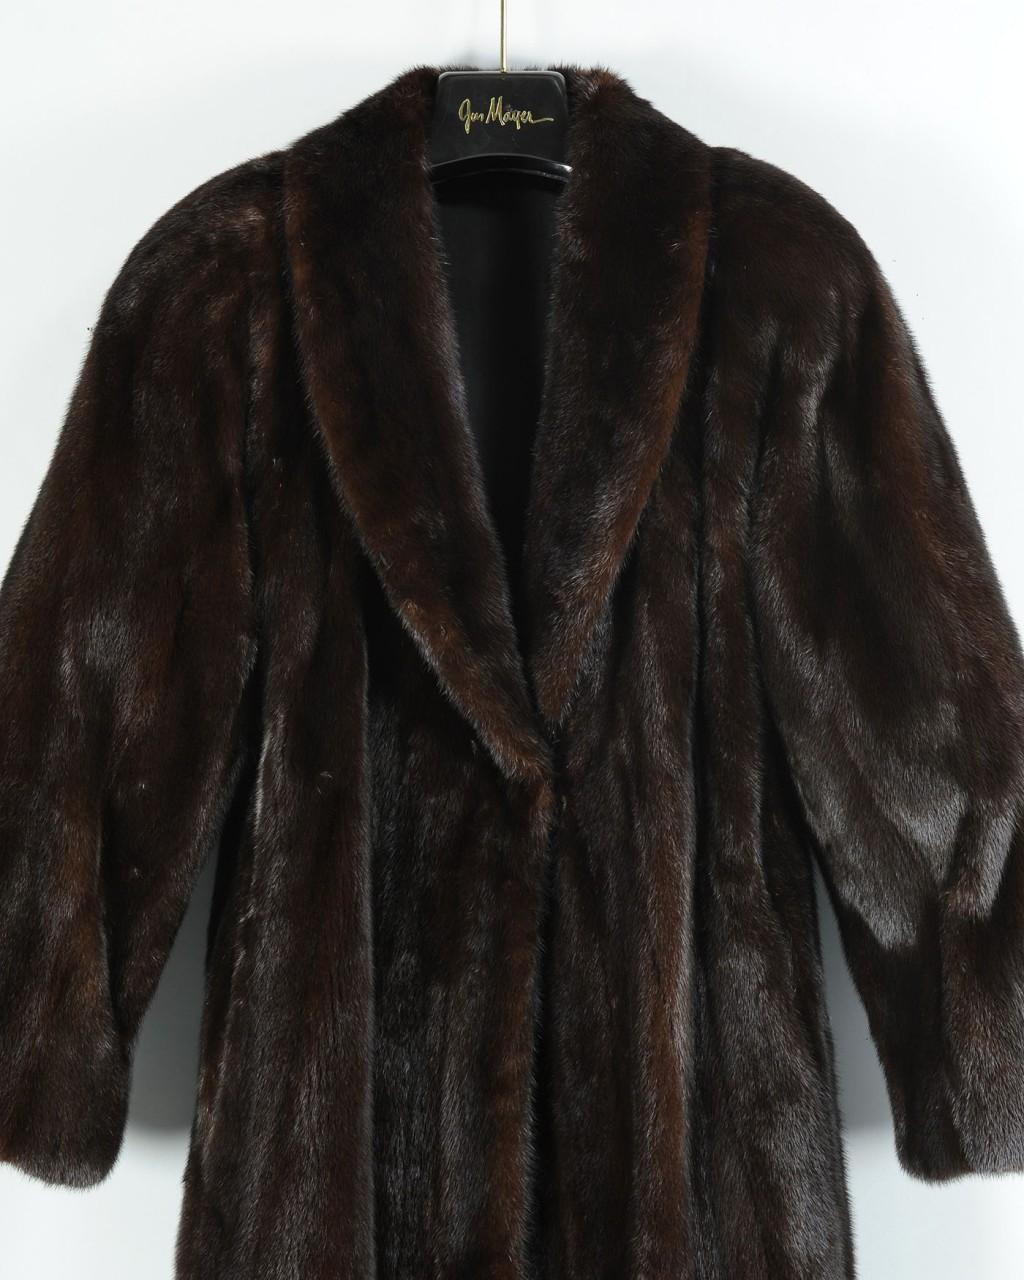 Lot 798: Gus Mayer Women's Full Length Mink Coat